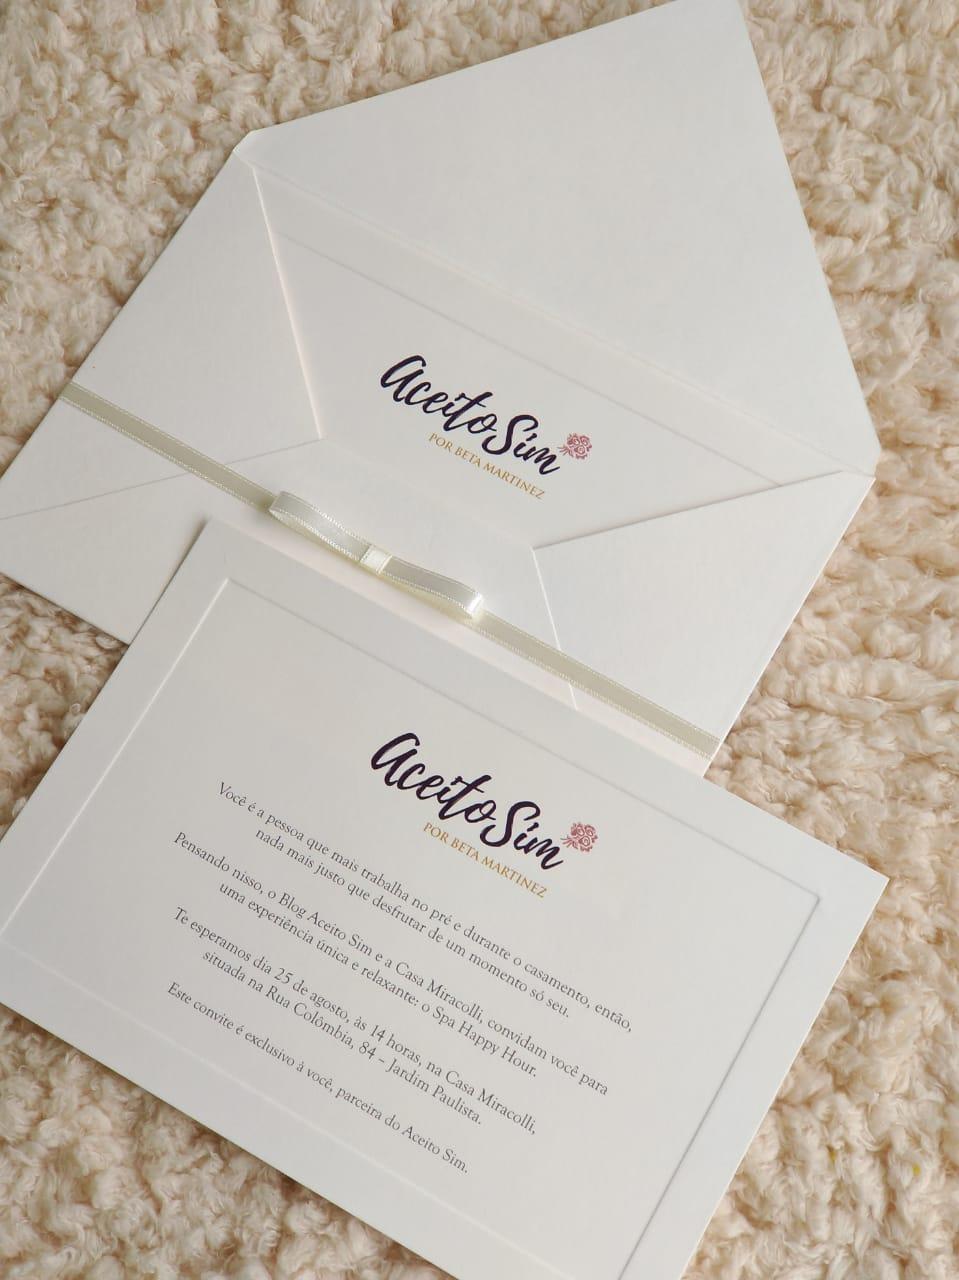 Convite papel e estilo